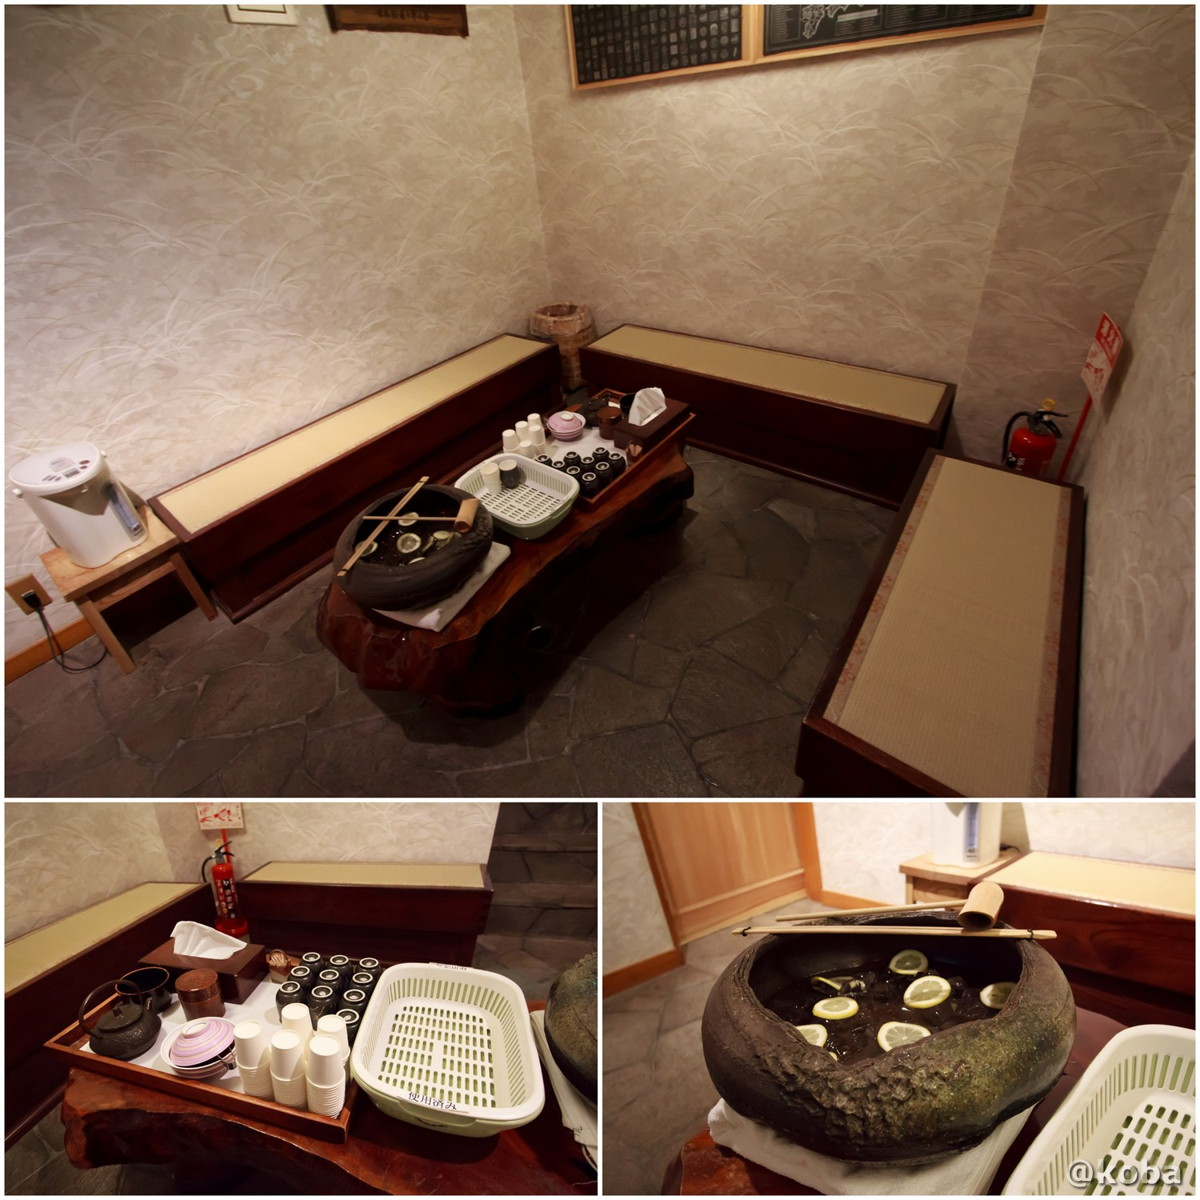 梅干し・お茶・レモン水が置いてある、湯上りまったりスペースの写真│たんげ温泉 美郷館(みさとかん)│群馬県 吾妻郡